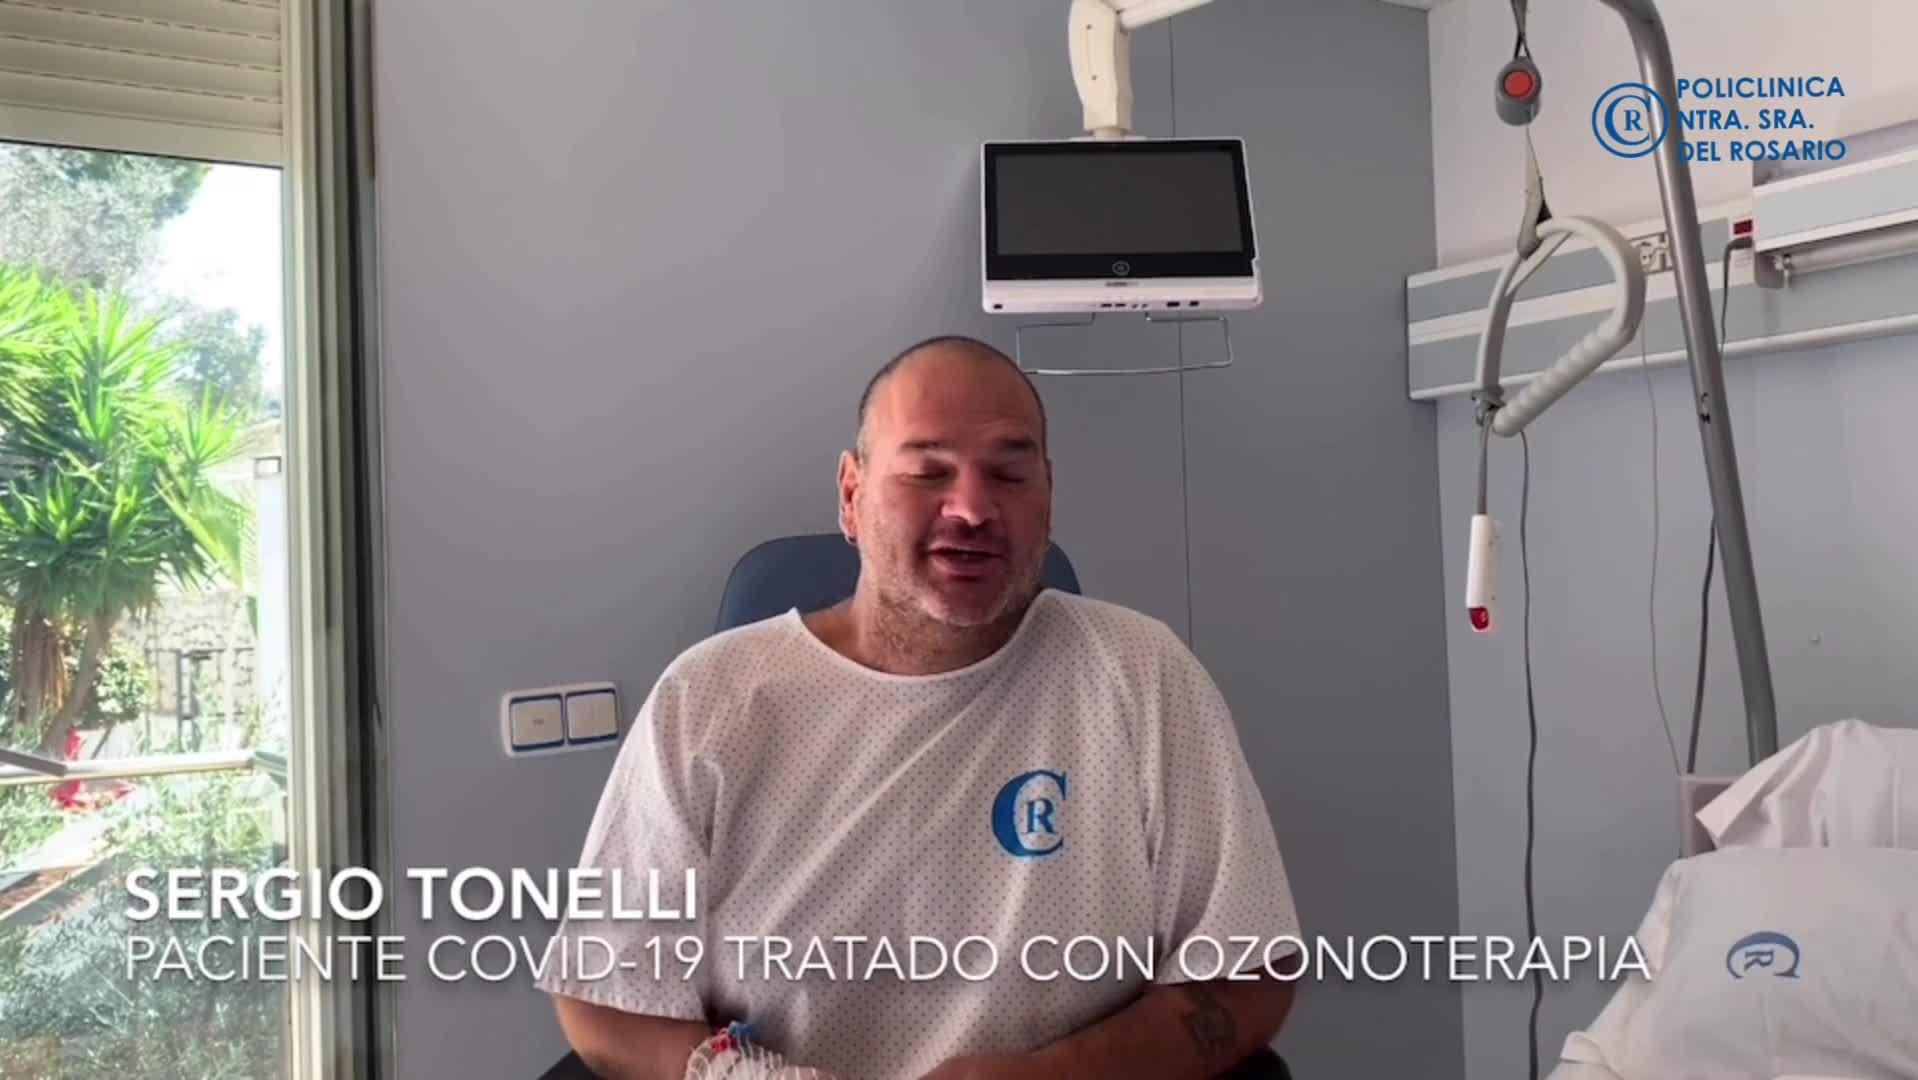 Salut no descarta extender la ozonoterapia si se obtienen buenos resultados en más pacientes